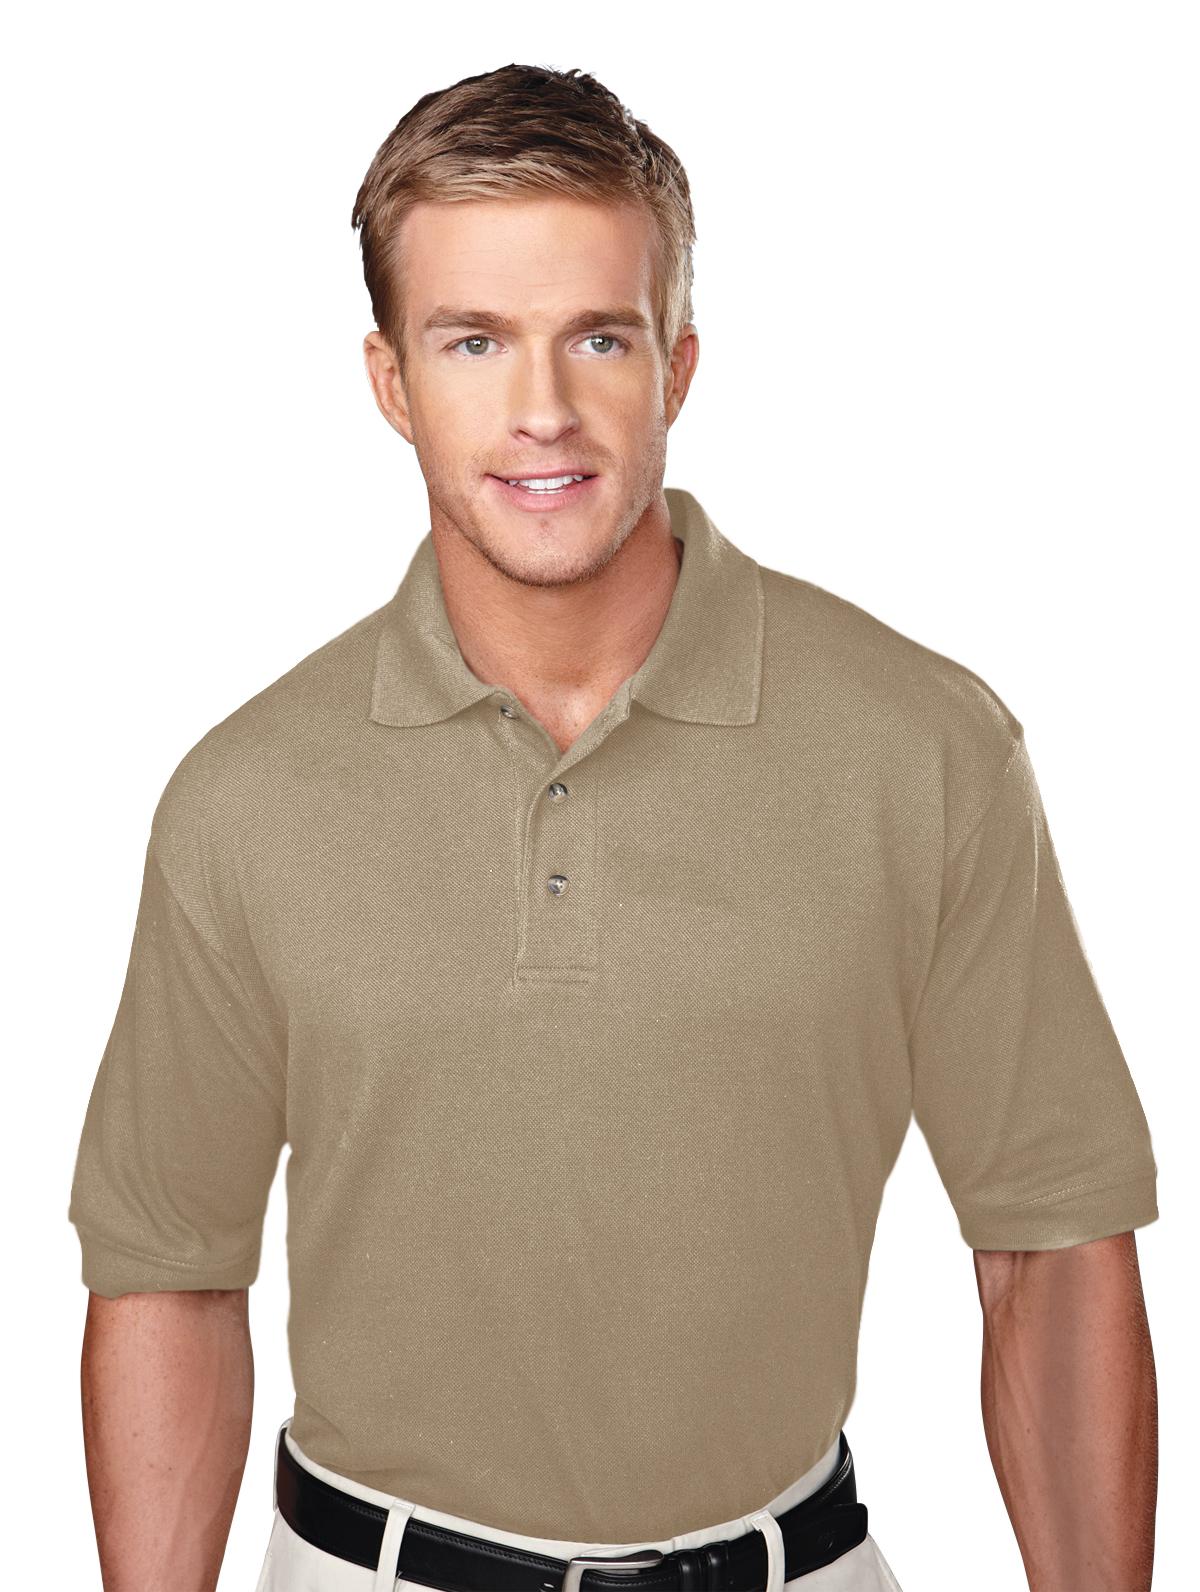 Profile-Mens 60/40 Pique Golf Shirt-Tri-Mountain